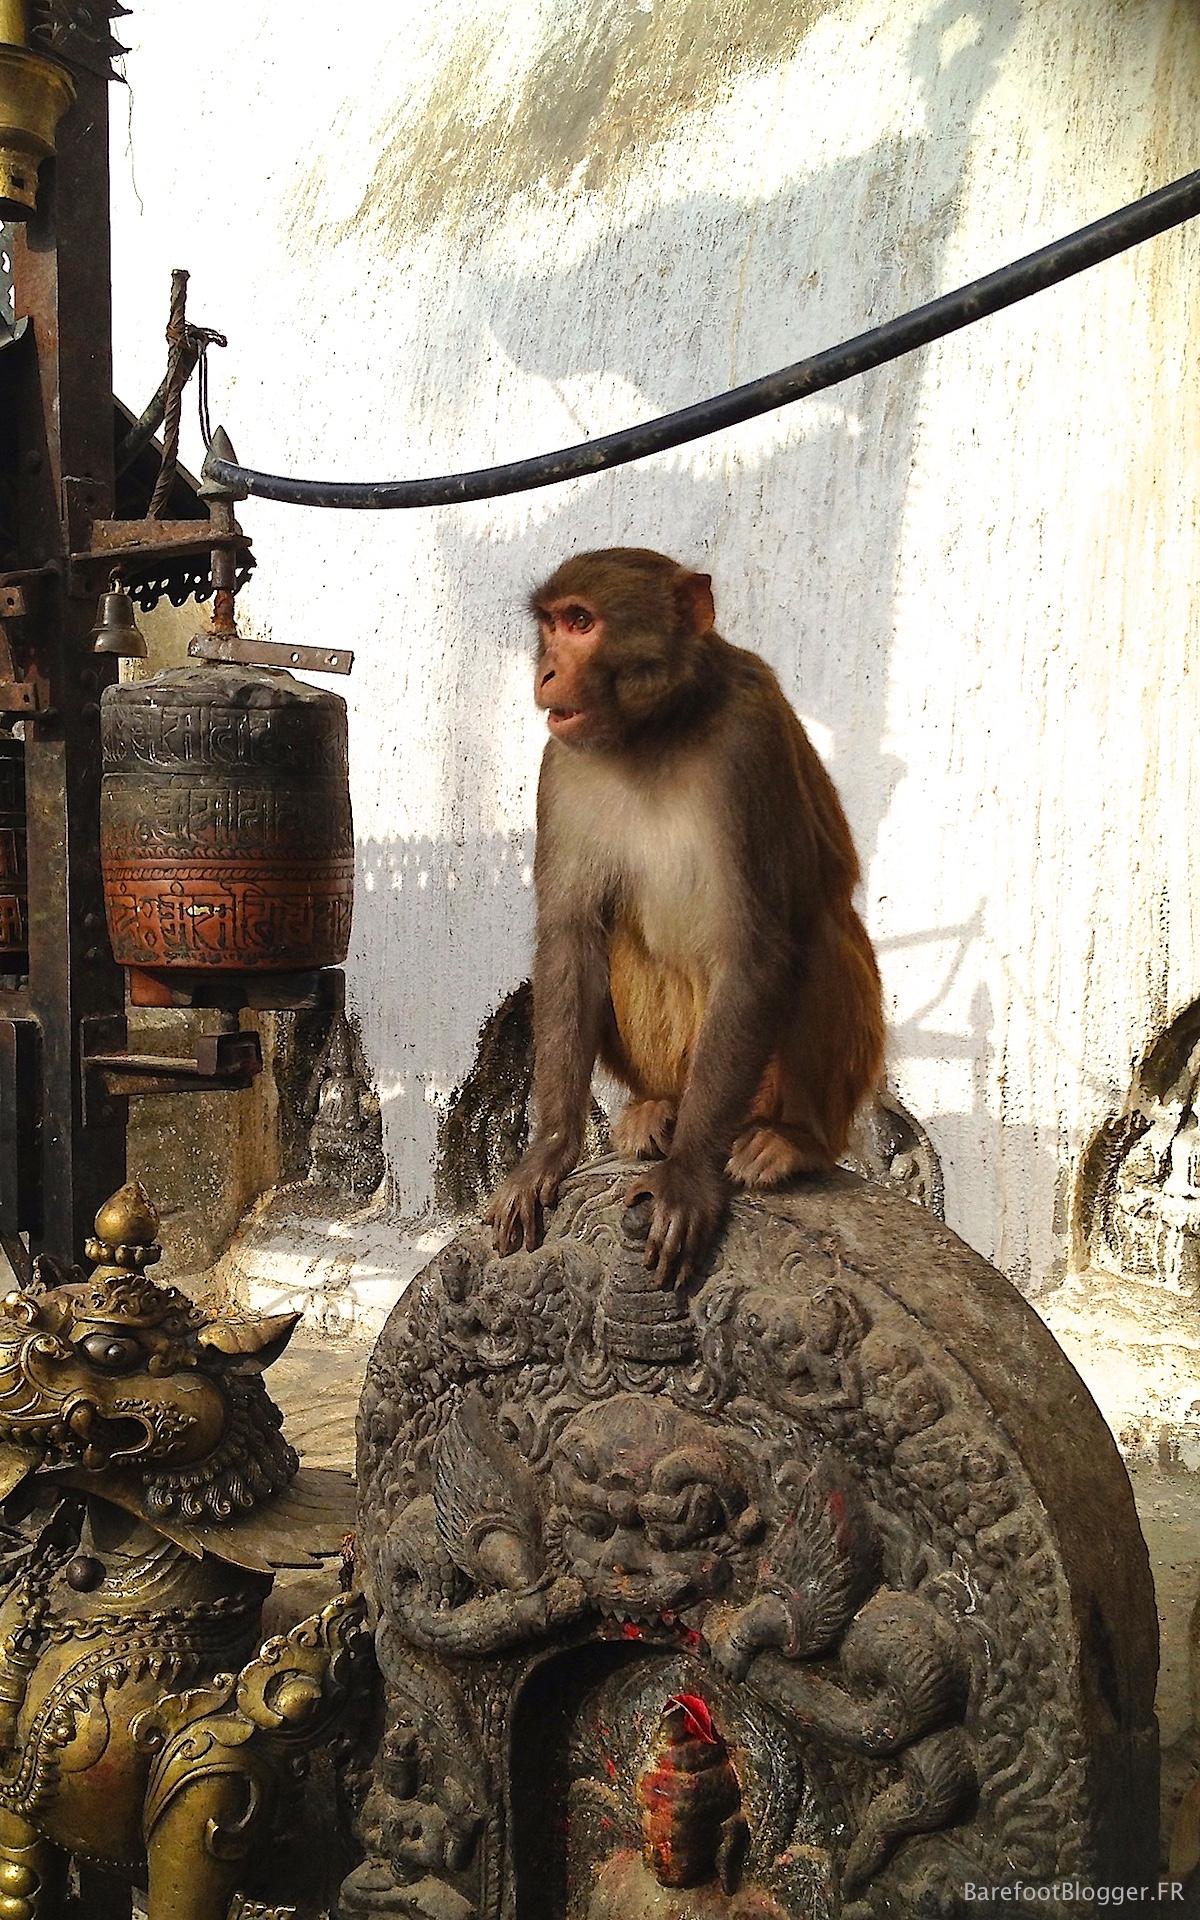 The Monkey Temple of Kathmandu